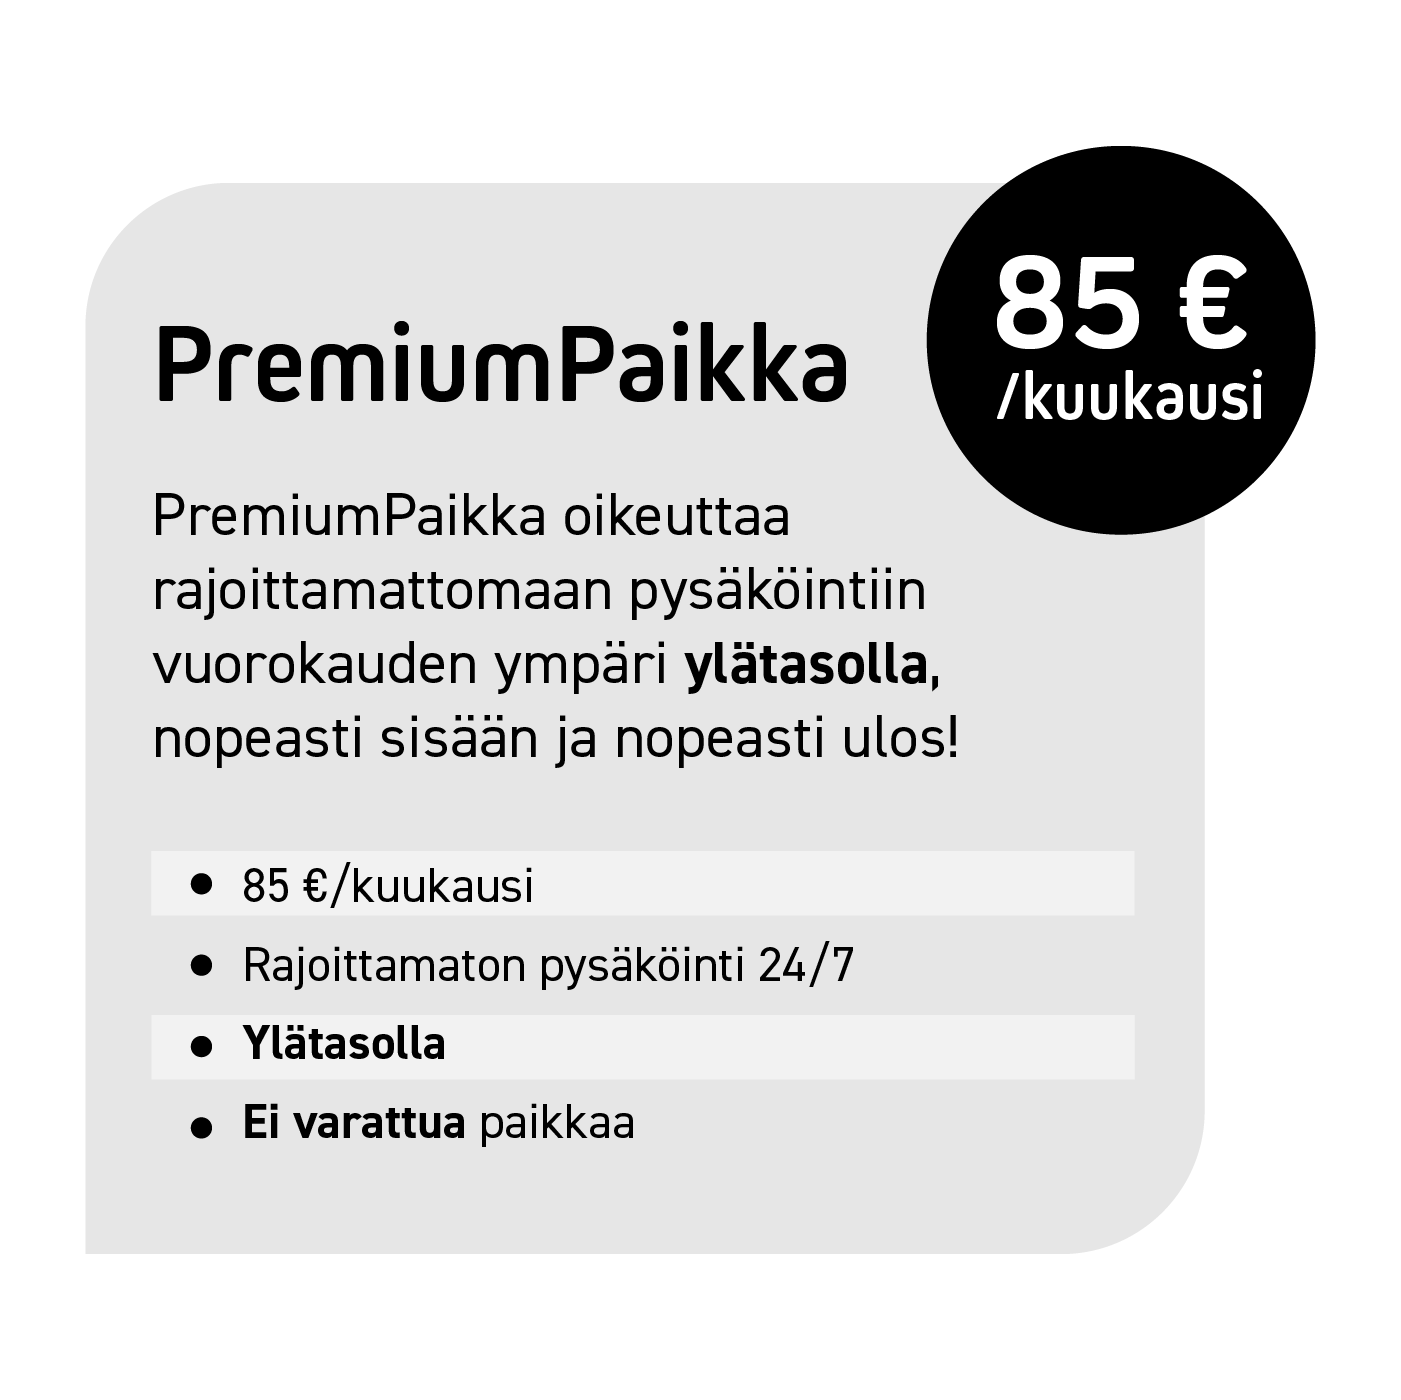 premiumpaikka_1.png